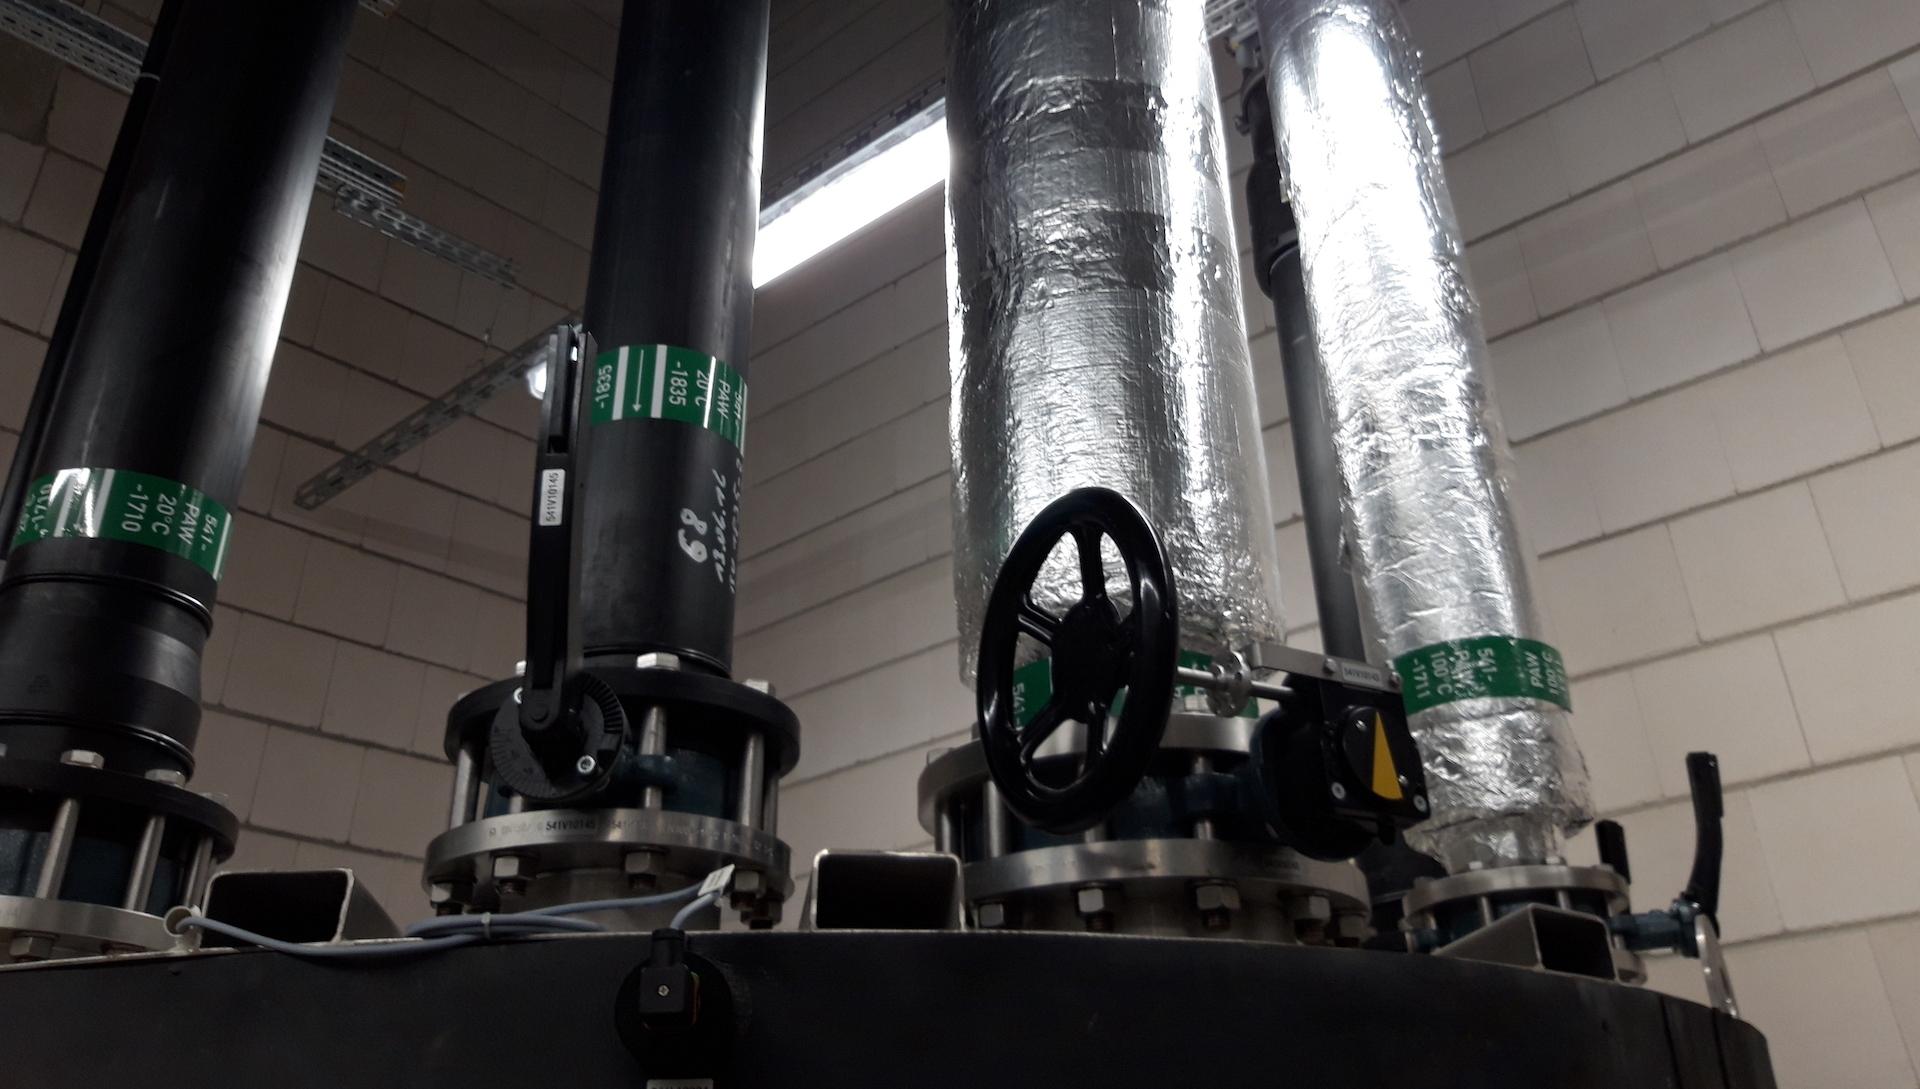 Biotest-Abwasseraufbereitung